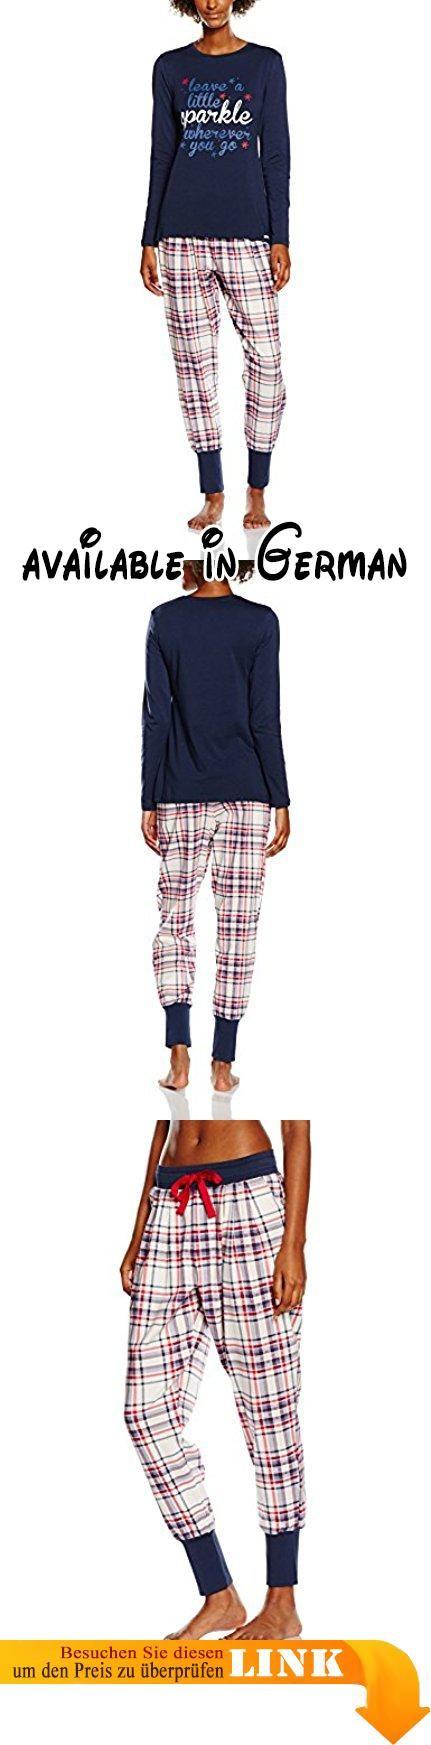 Skiny Damen Zweiteiliger Schlafanzug 082387, Gr. 40, Blau (navy 0390). Pyjama bestehend aus einer langen, locker geschnittenen Hose und einem Langarmshirt mit Rundhals.. Trendiges Karomuster passend dazu der süße Frontprint beim Shirt. Hose mit seitlichen Taschen und Bündchen an Bein und Bund, sowie einem Durchzugsband. #Apparel #SLEEPWEAR